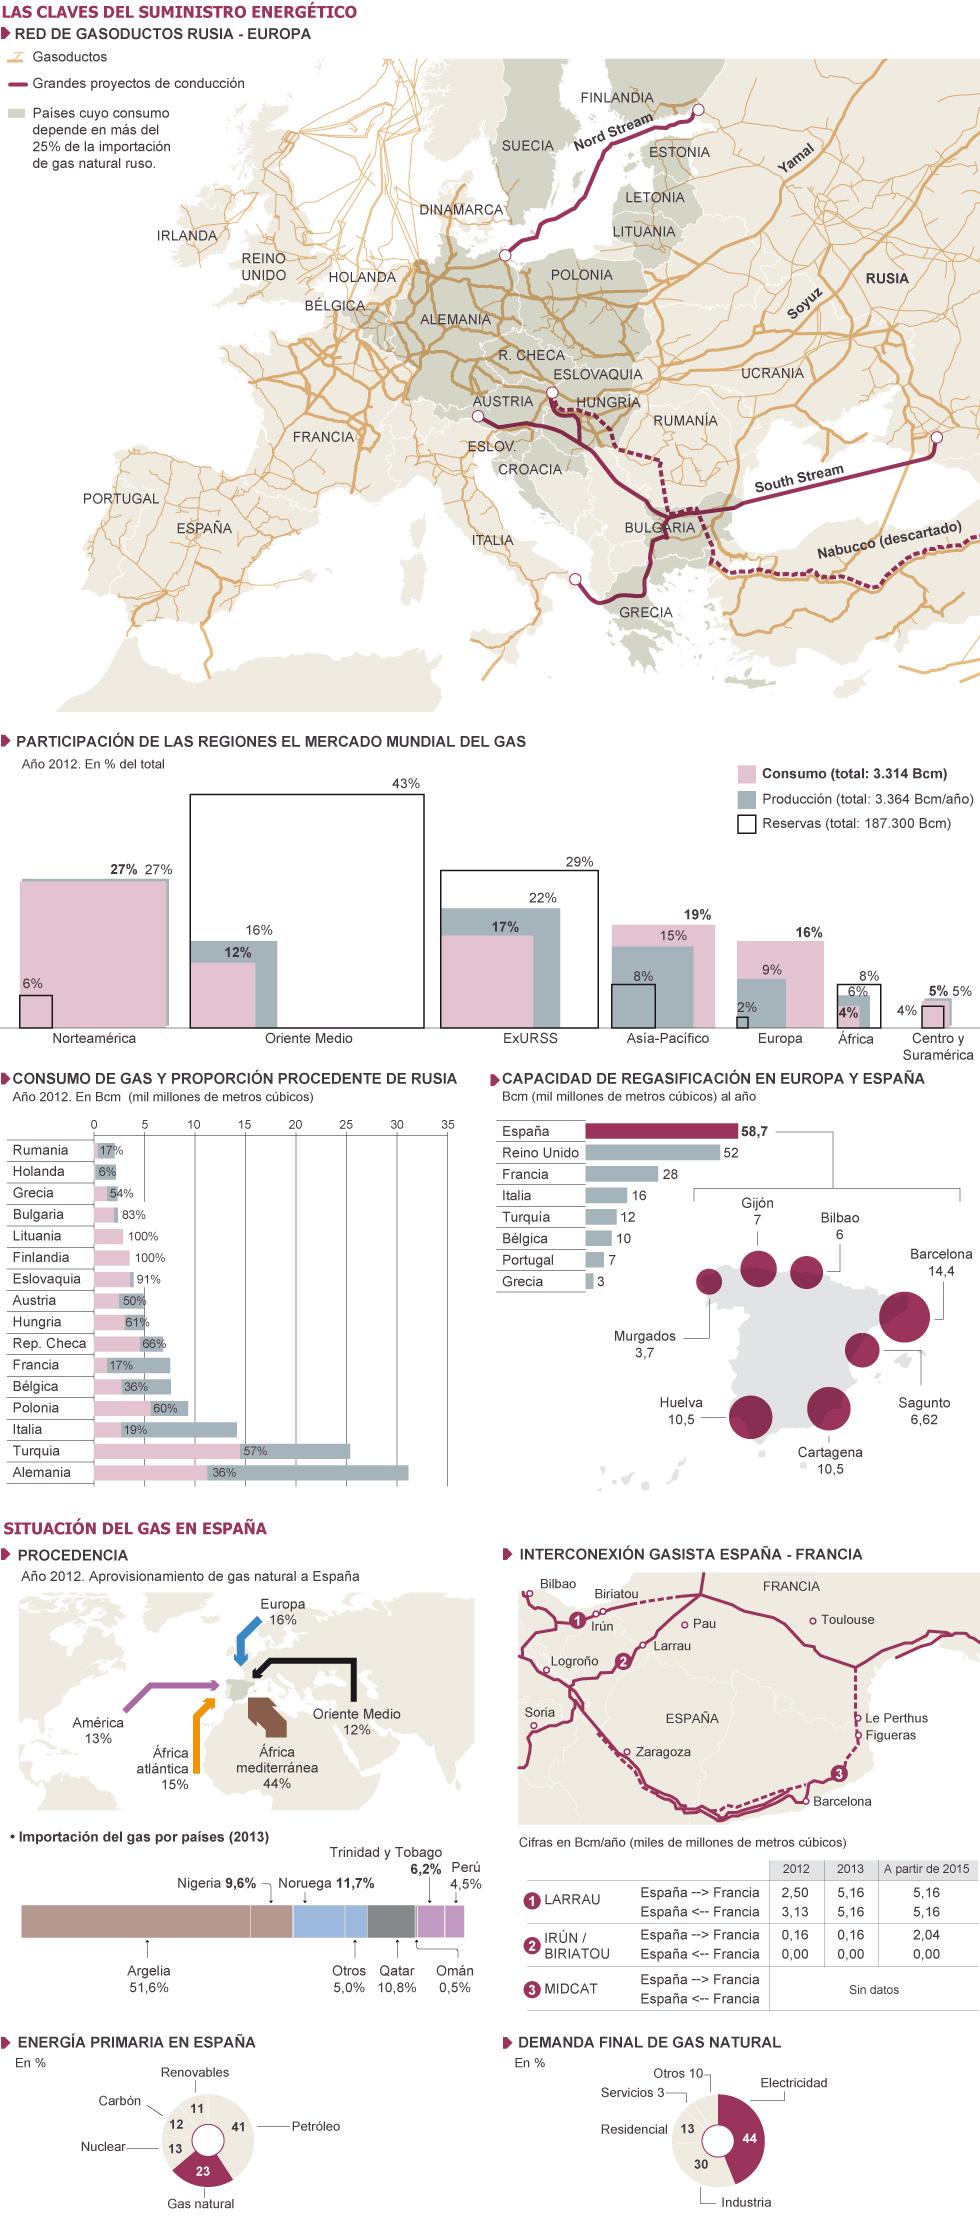 Unión Europea: Evolución y conflictos [mapa, infografía] 1396636704_871242_1396636770_noticia_normal